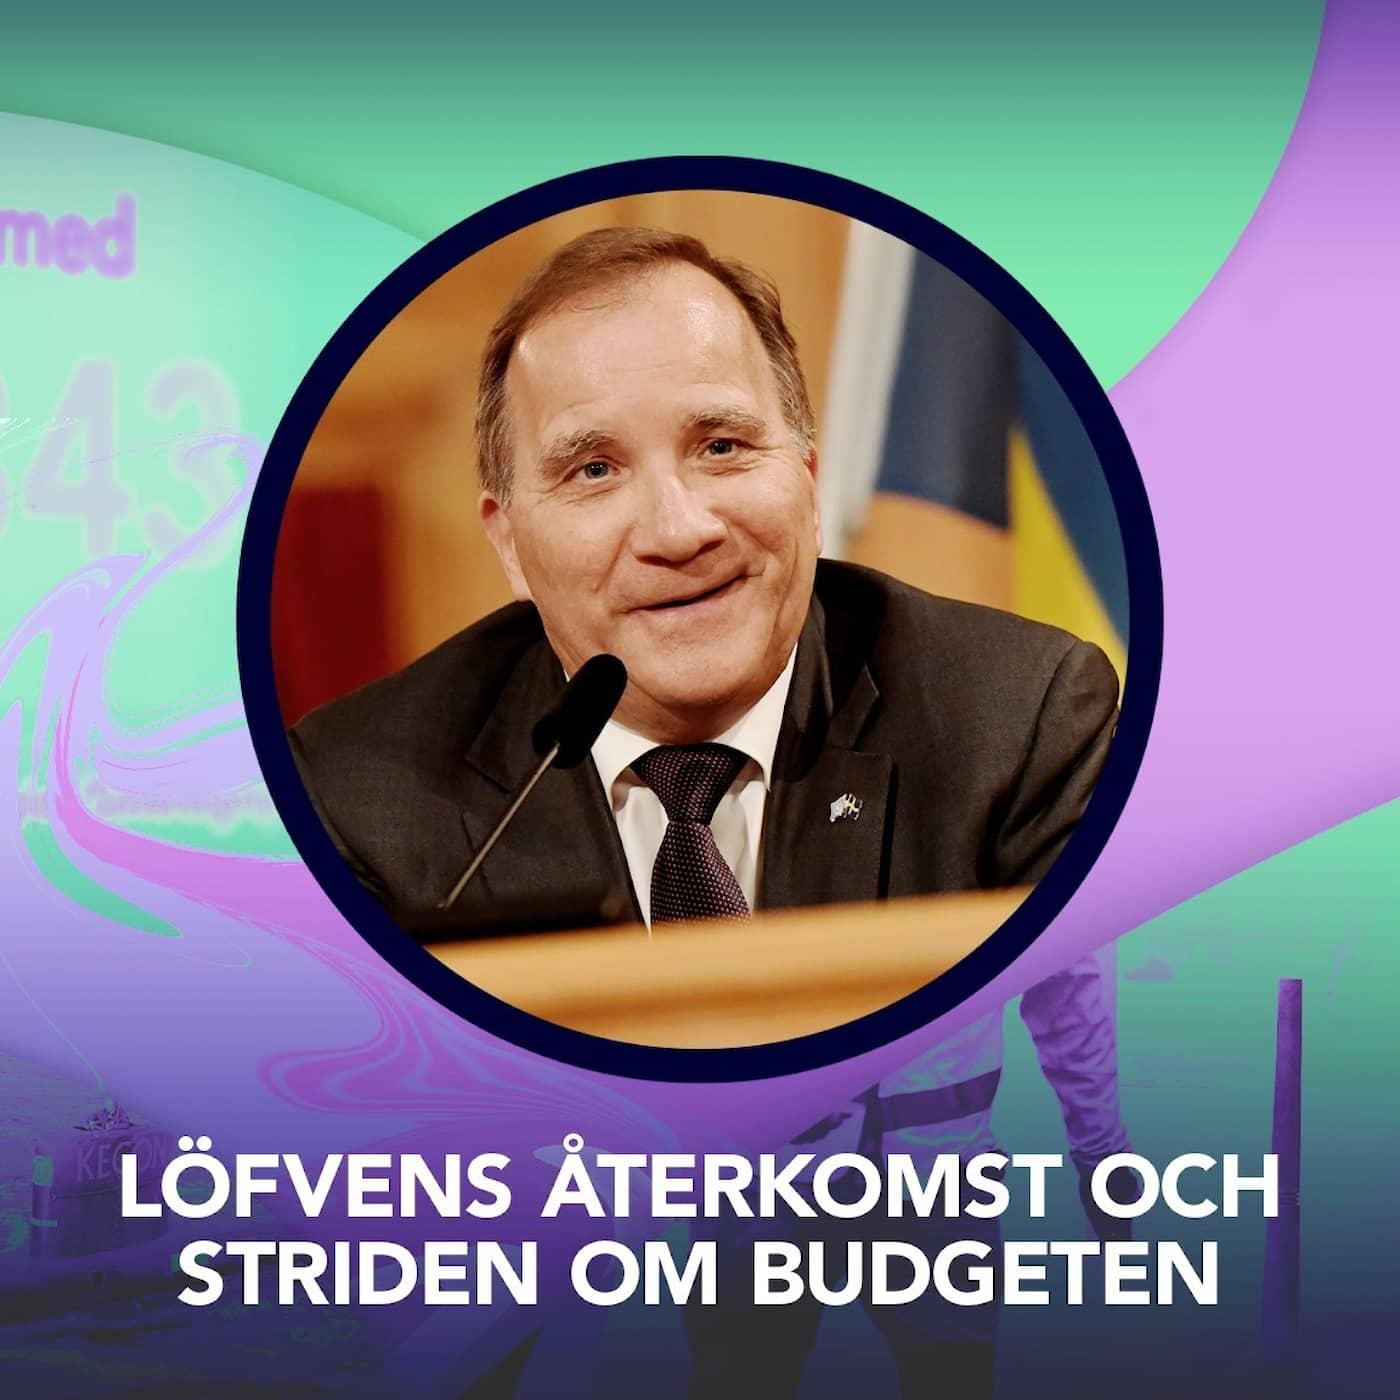 Löfvens återkomst och striden om budgeten – P3 Nyheter Dokumentär